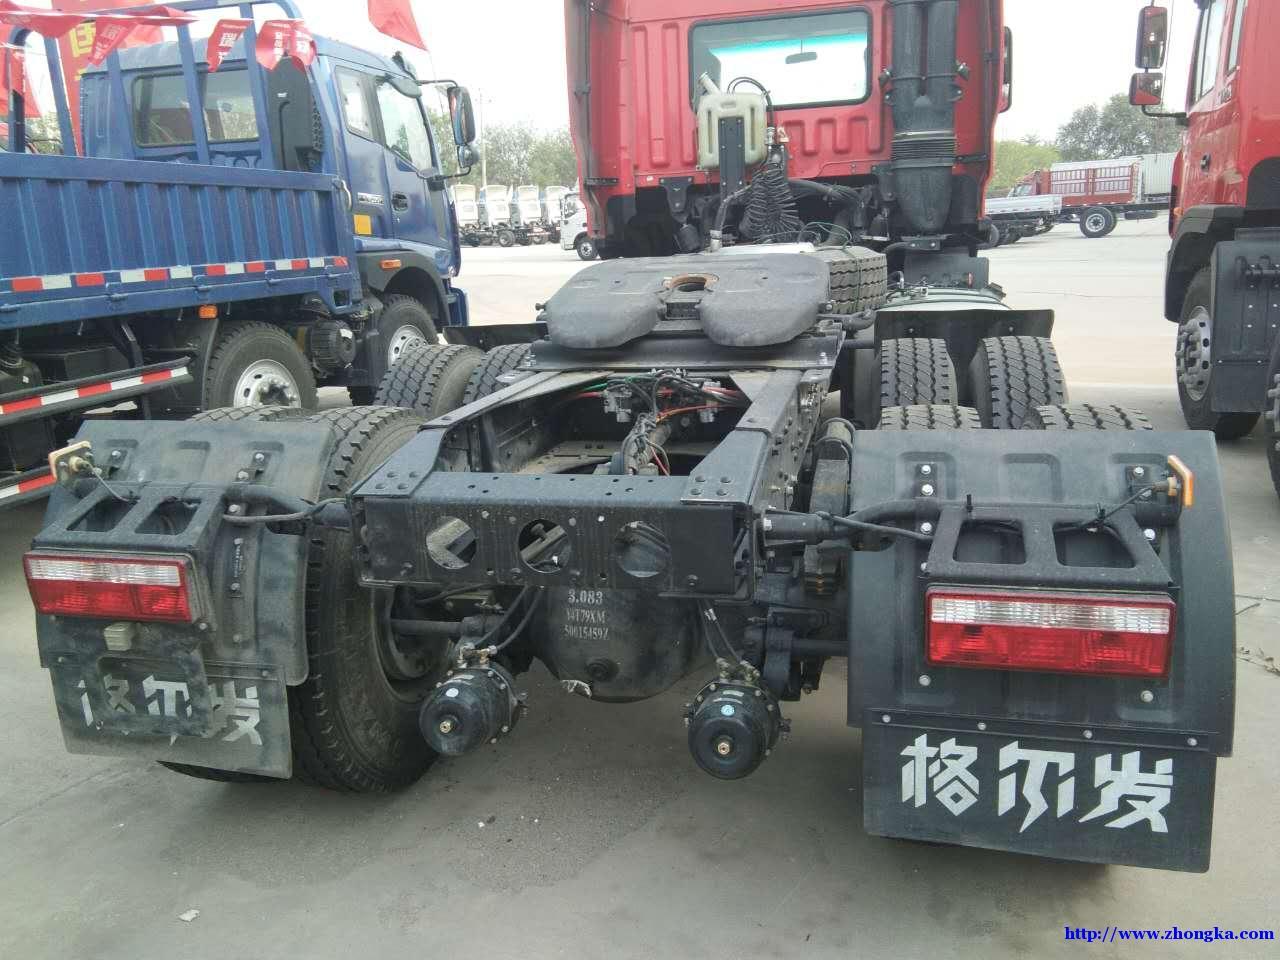 天津天逸瑞祥汽车销售有限公司